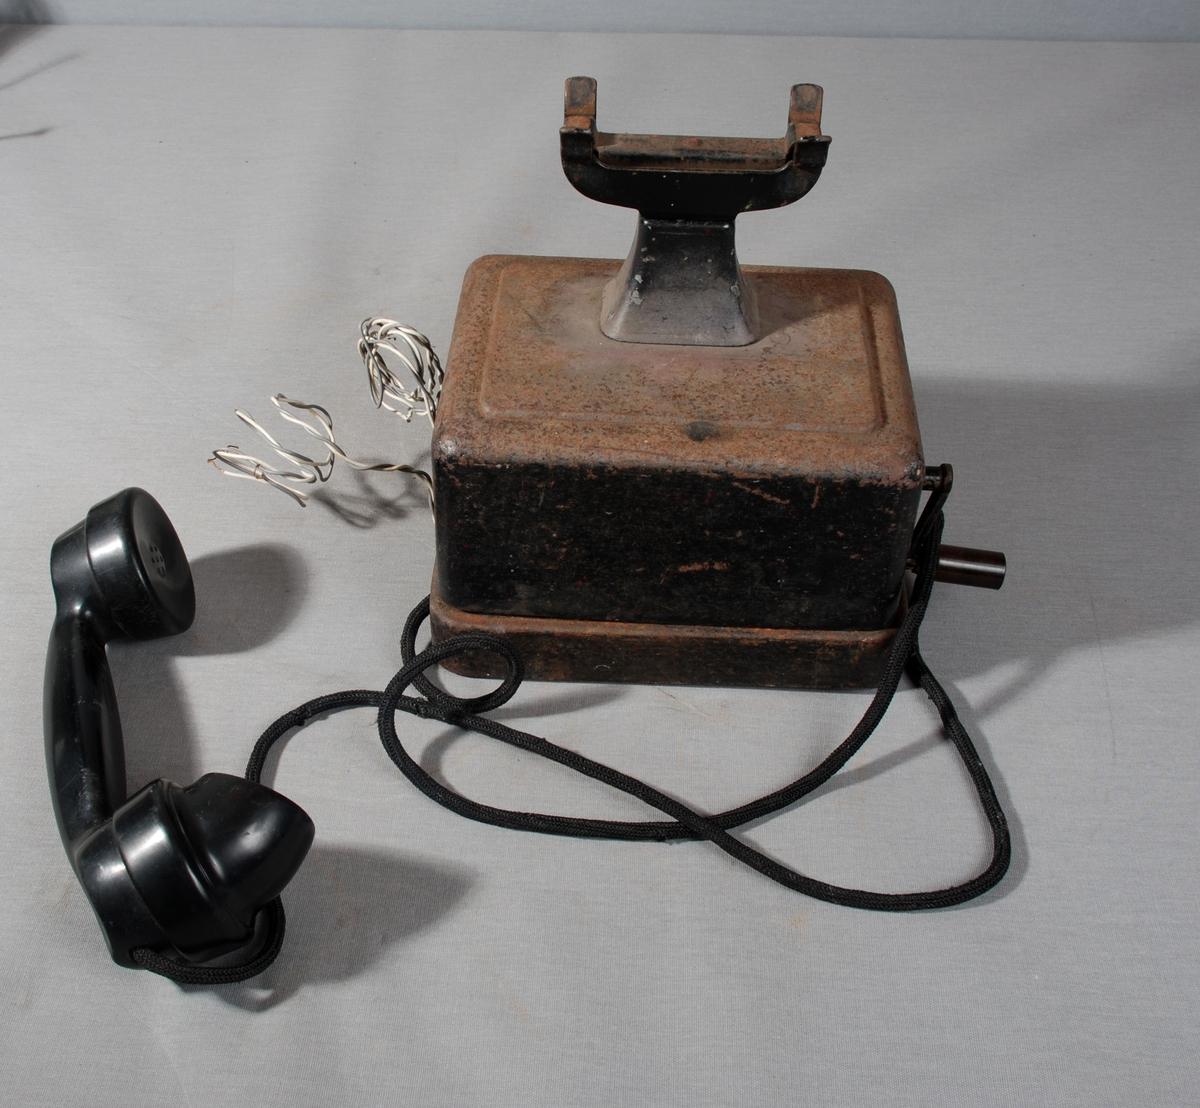 Telefonapparat med telelfonrør i gaffel på toppen av apparatet, sveiv på siden. Selve kassen står på sokkel av metall. 2 ledninger festet på siden av apparatet.